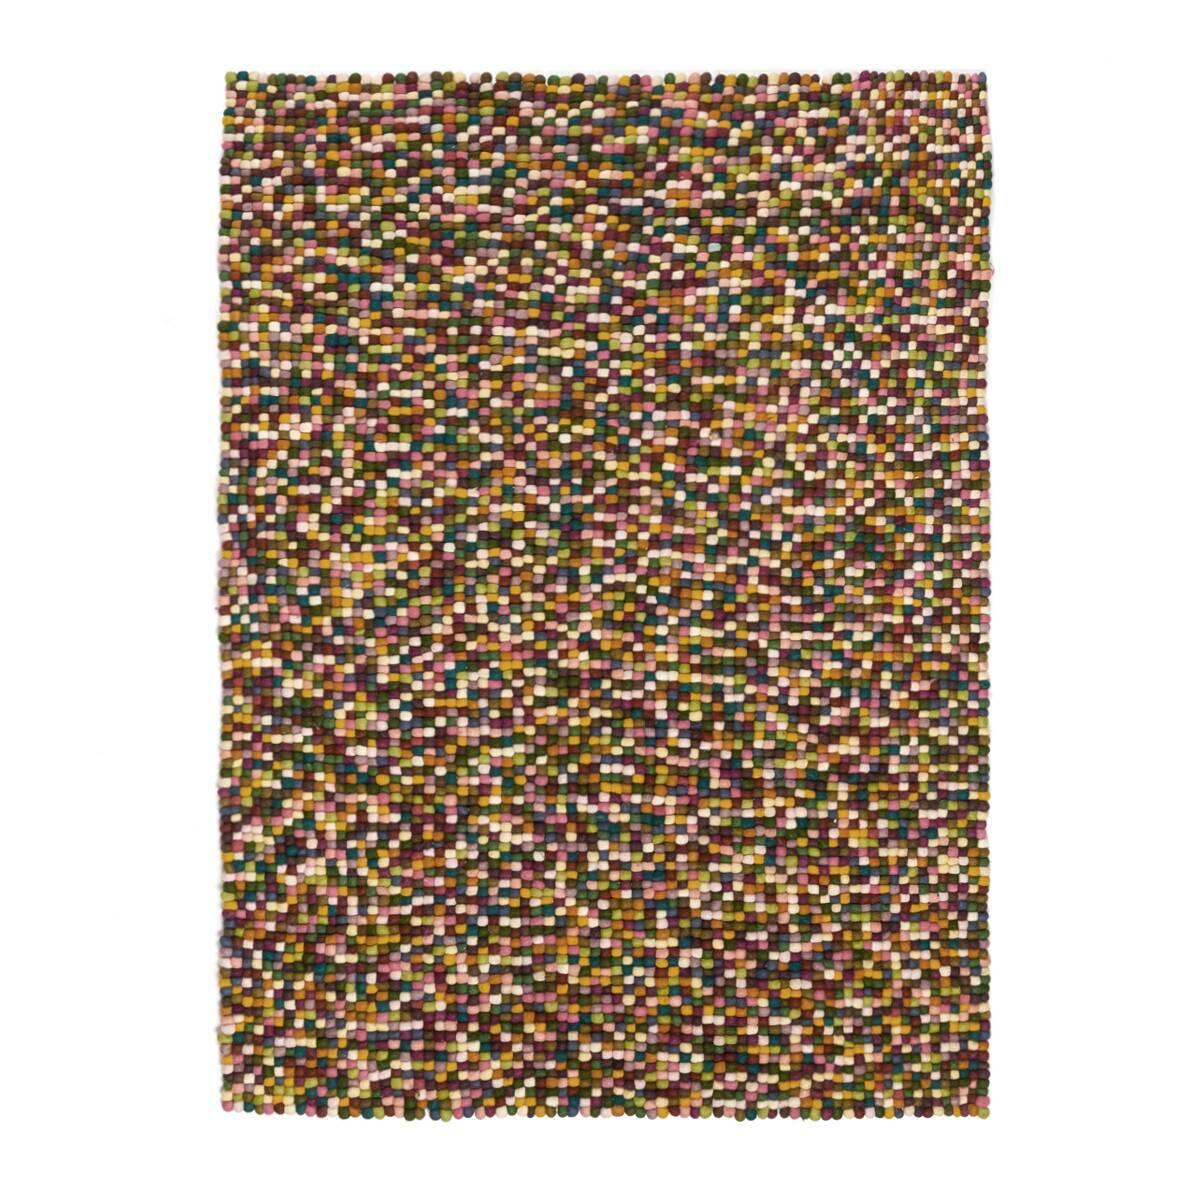 Ковер MilanoКовры<br>Дизайнерский креативный шерстяной ковер Milano (Милано) из разноцветных шариков от Cosmo (Космо).<br>Красочное цветовое исполнение в сочетании с необычной техникой изготовления составляют приметный дизайн напольного ковра Milano. Этот ковер непременно станет отличным украшением интерьера гостиной, спальни или детской комнаты.<br><br>     В зависимости от дизайна вашего будущего интерьера оригинальный ковер может стать либо акцентом, либо гармонично сочетающимся декором. В гостиной с белой лакирован...<br><br>stock: 12<br>Ширина: 160<br>Материал: Шерсть<br>Цвет: Multi/Мульти<br>Длина: 230<br>Тип производства: Ручное производство